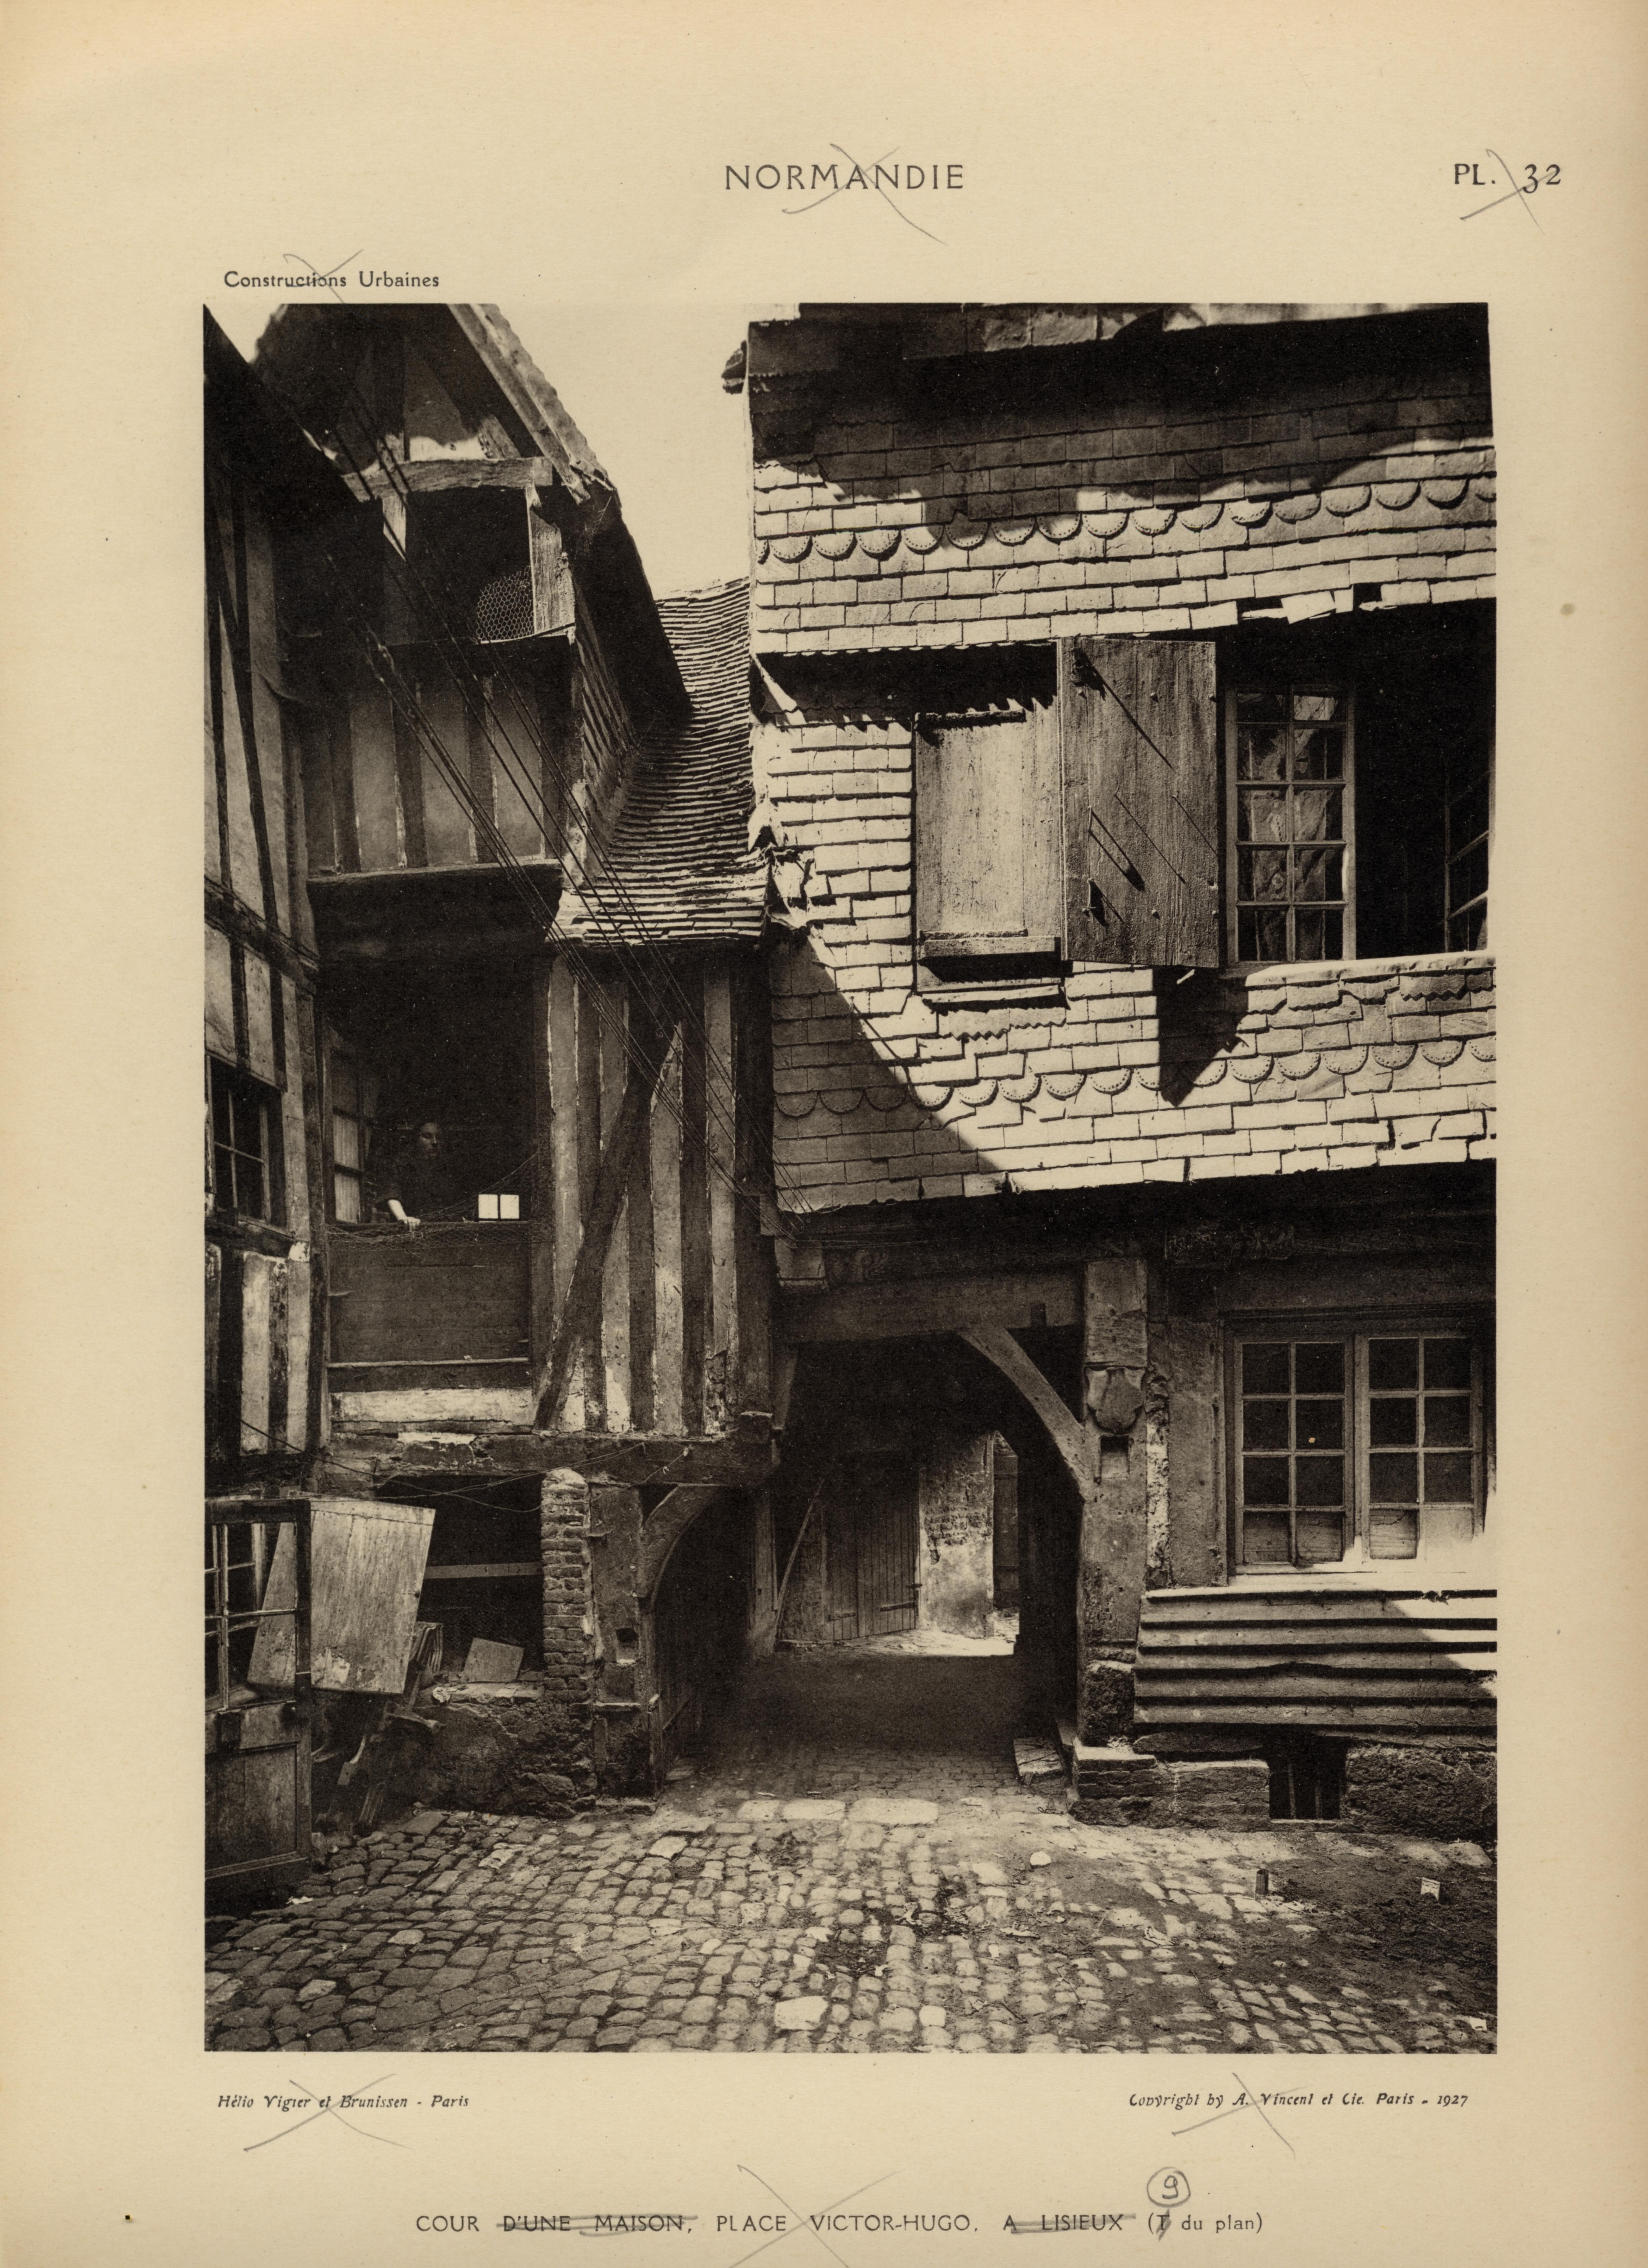 Vues prises dans la cour dune maison place victor hugo la maison en question possède deux cours successives en t et t du plan les pans de bois